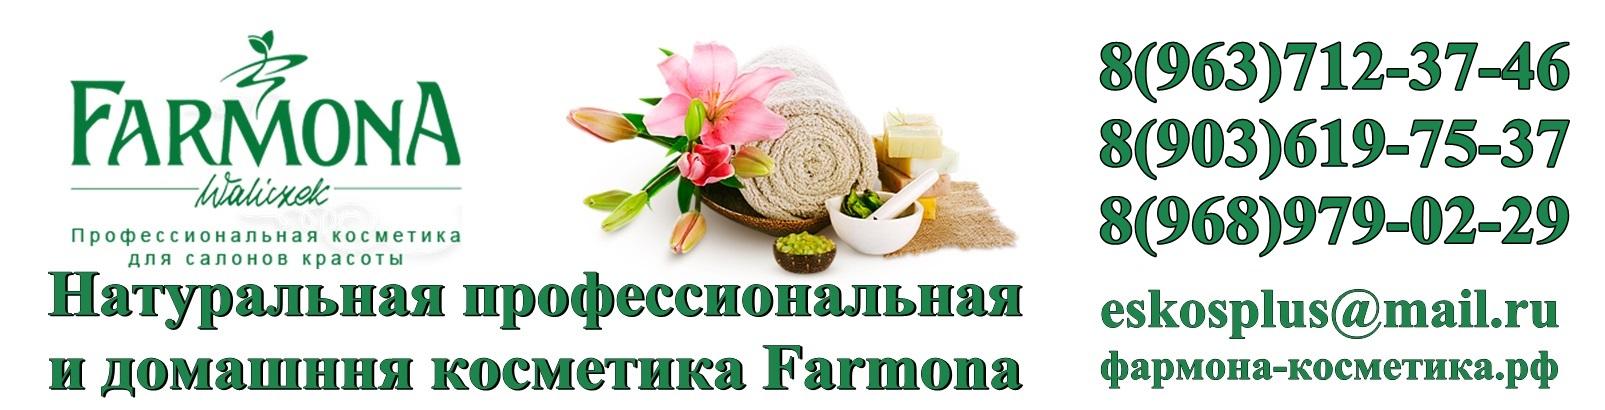 Оформление Вконтакте группы магазина косметики